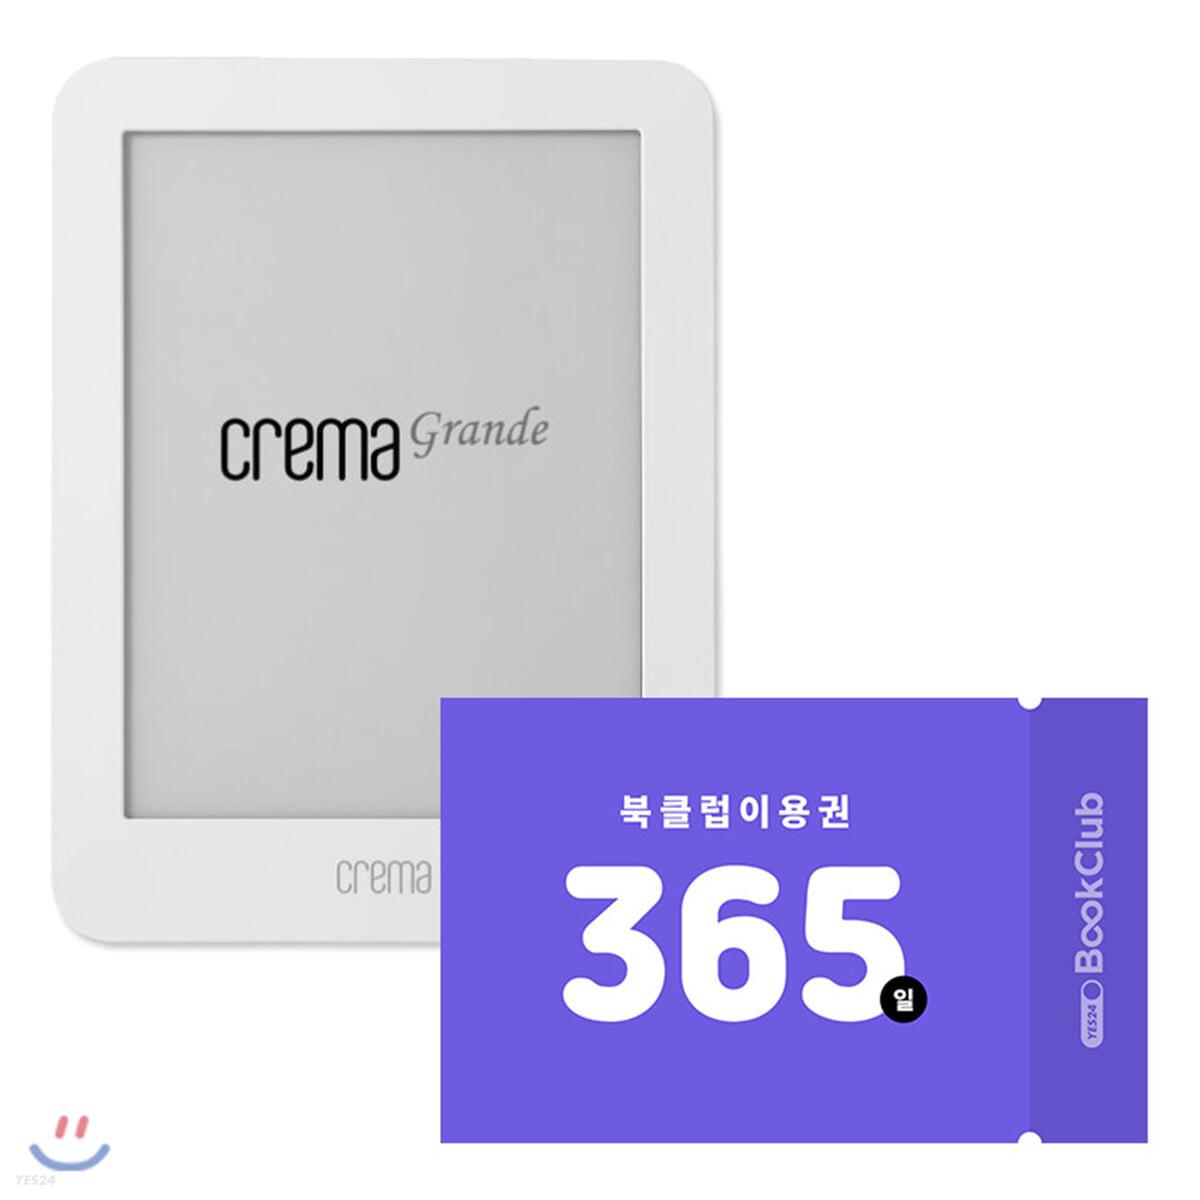 예스24 크레마 그랑데 (crema grande) : 화이트 + 북클럽 1년(365일) 이용권